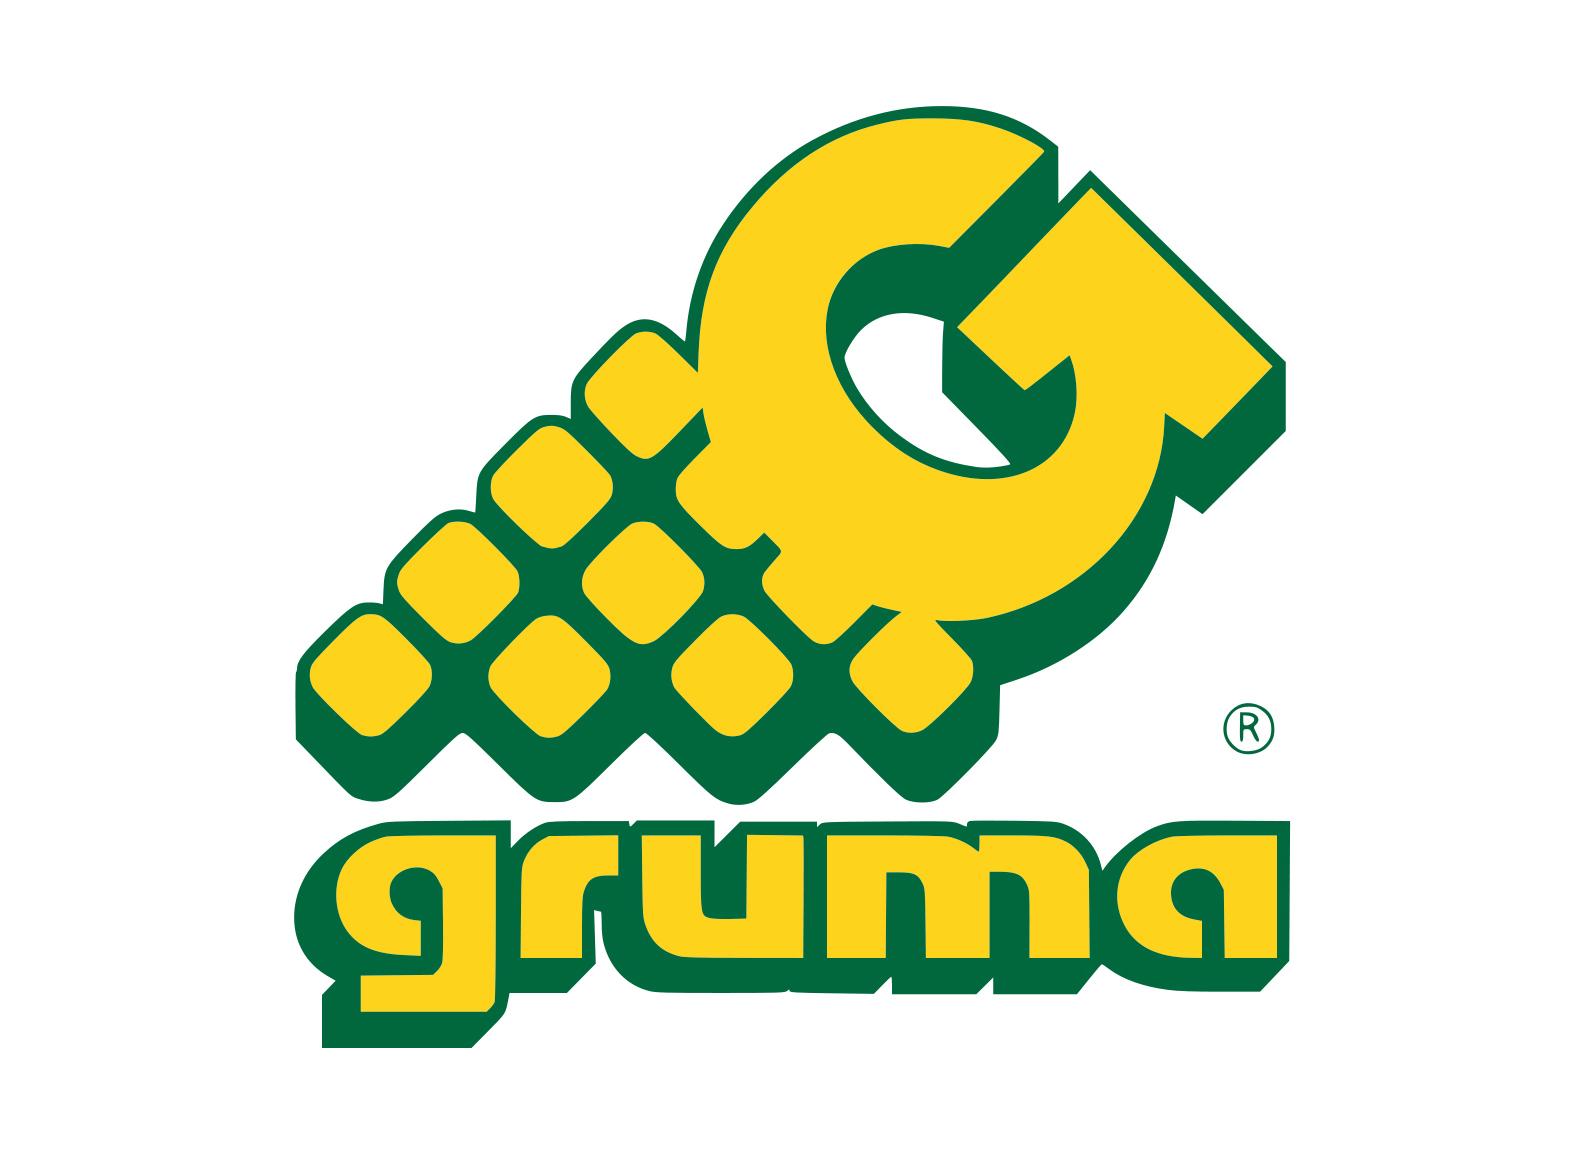 Gruma S.A.B. de C.V. logo